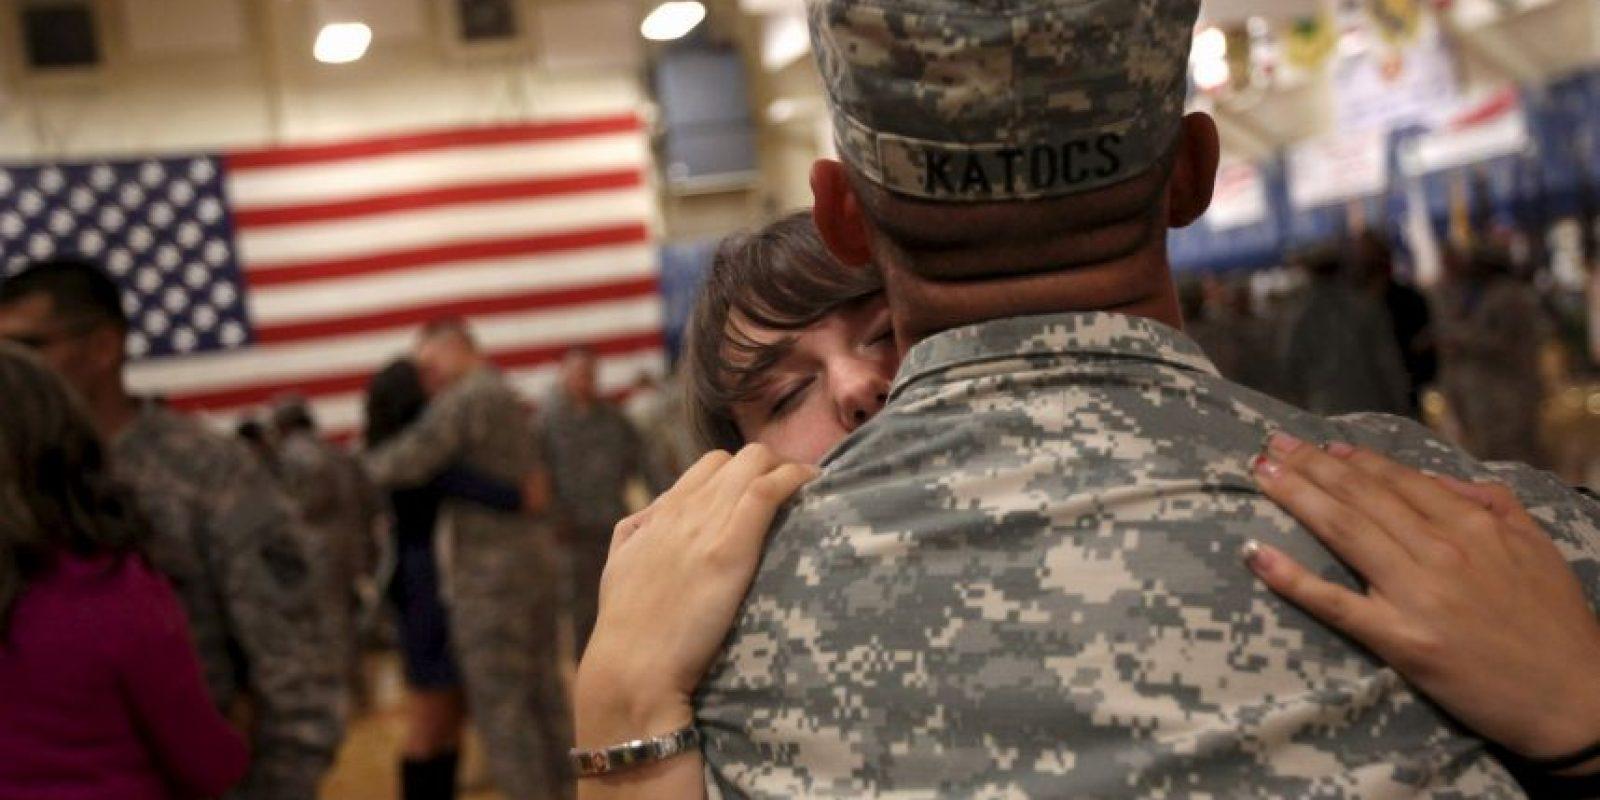 La misión se organizó debido a la preocupación de Estados Unidos por el avance del Estado Islámico. Foto:Getty Images